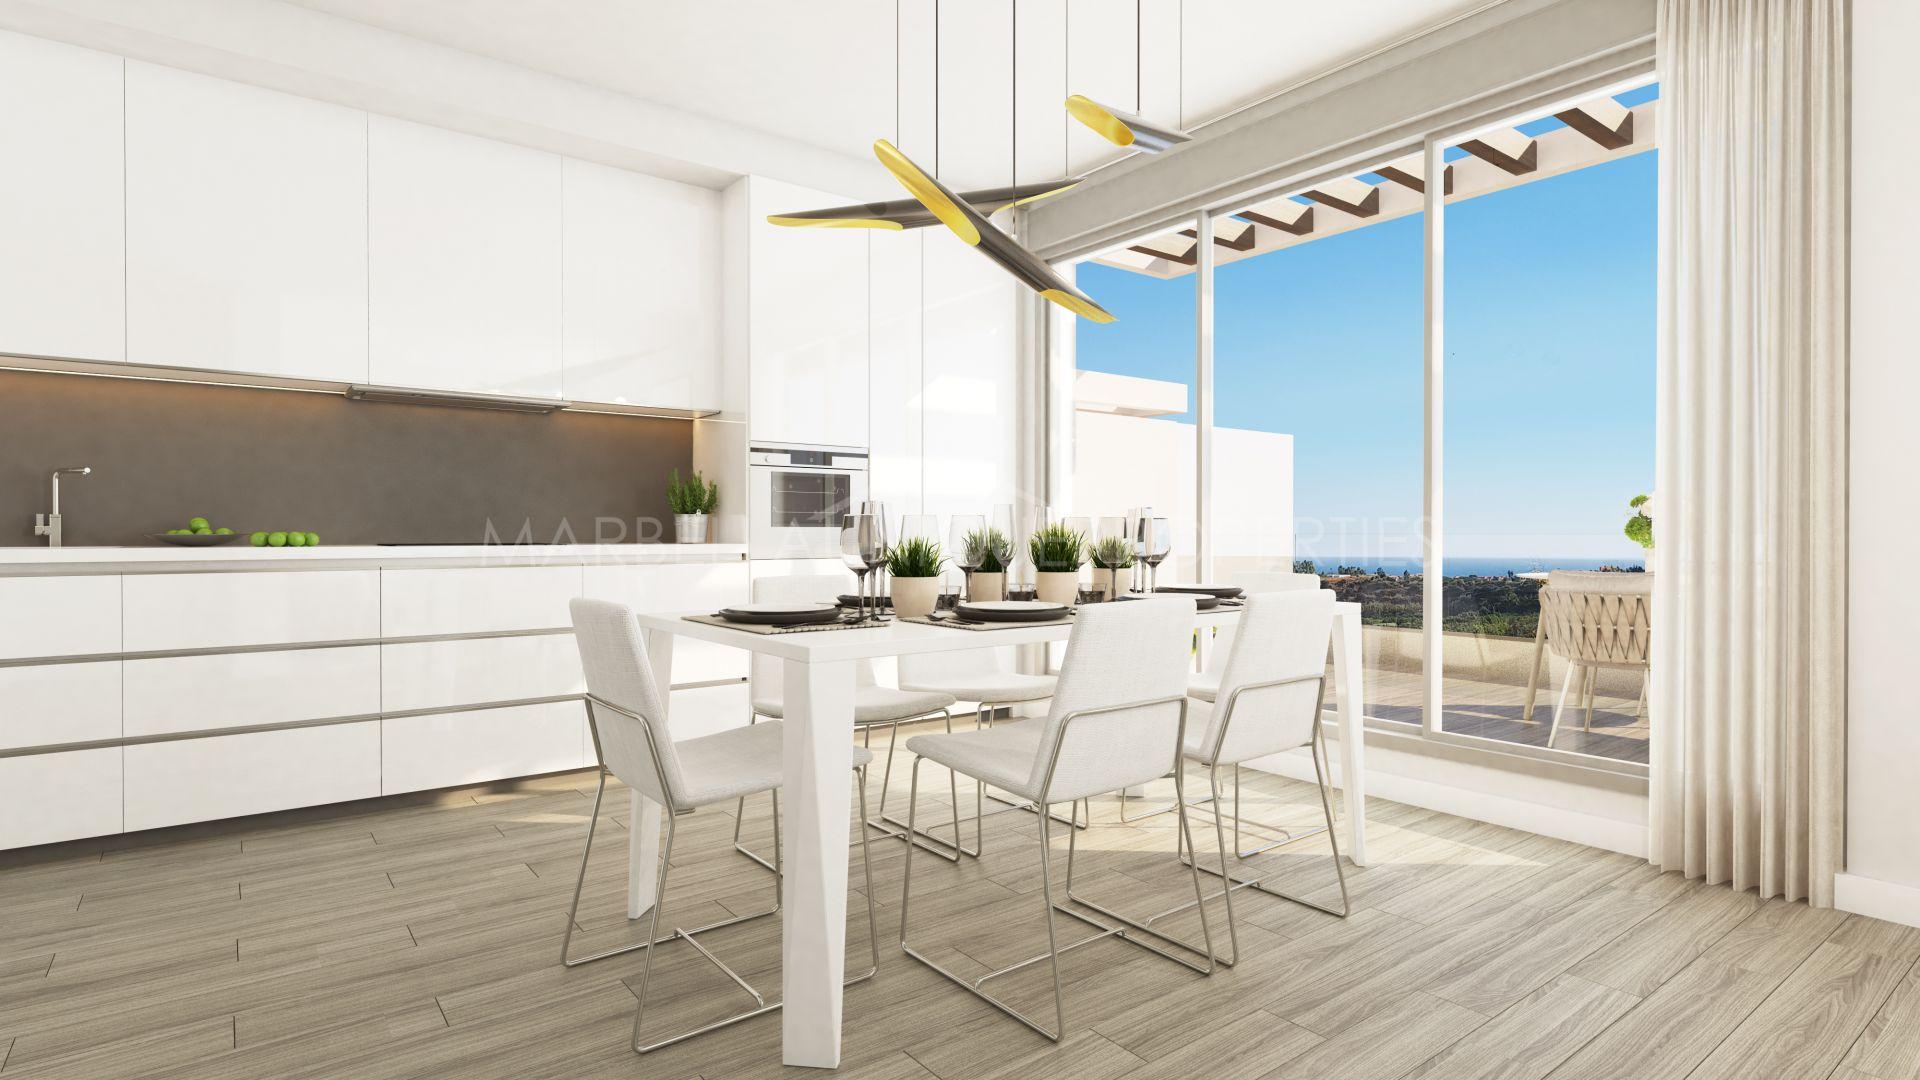 new development appartements appartements rez de chauss e et appartements terrasse cancelada. Black Bedroom Furniture Sets. Home Design Ideas